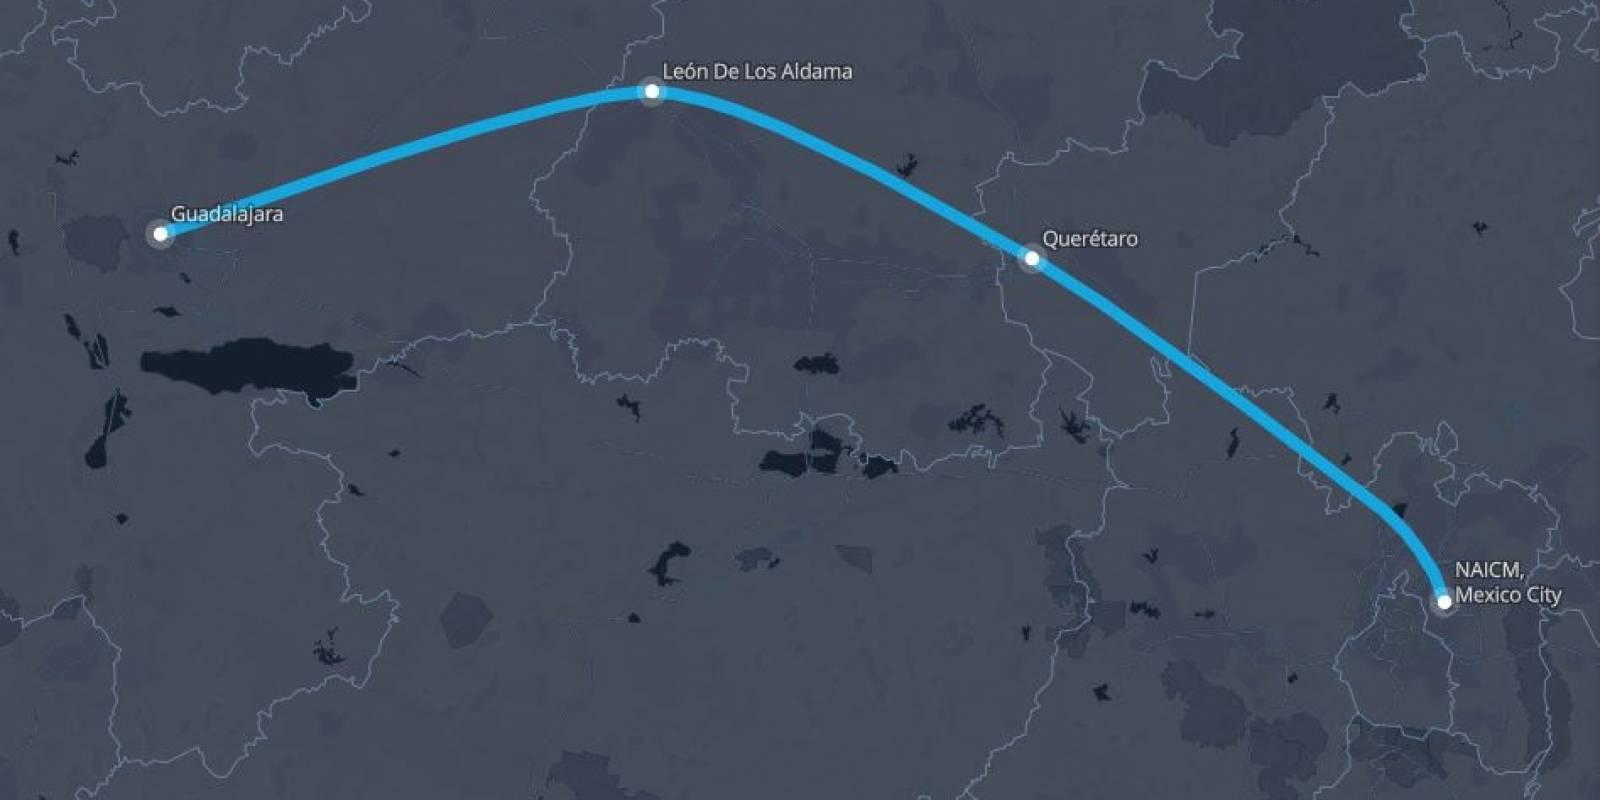 proyectan-construir-transporte-de-futuro-que-conecte-a-leon-con-claroscuronoticiascom_1473045 El Hyperloop One en la CDMX a Guadalajara